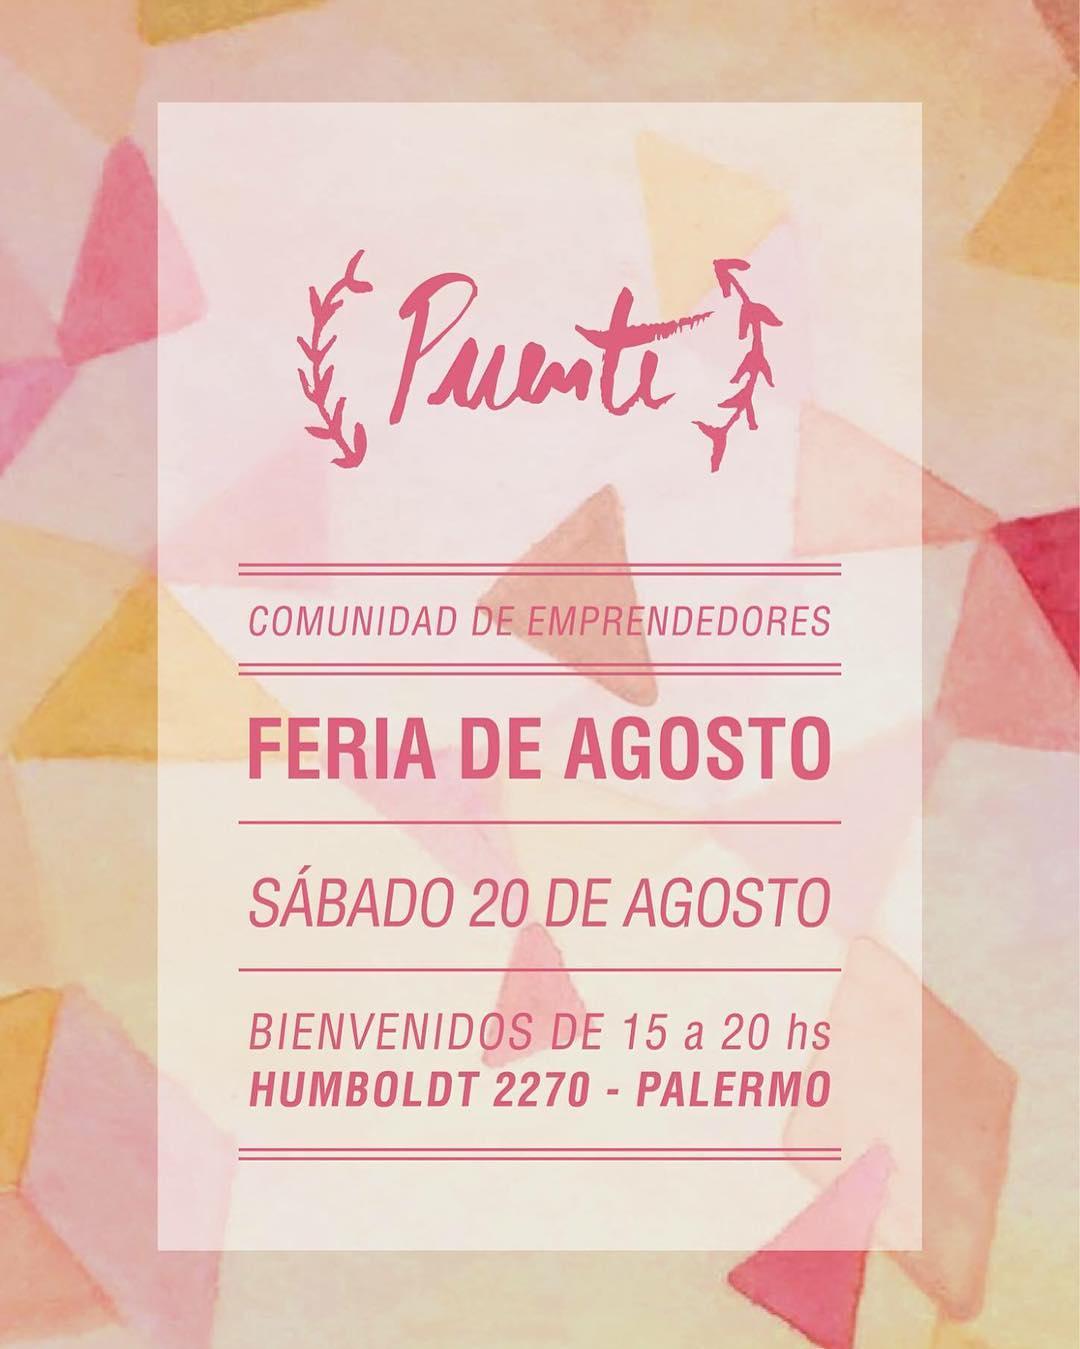 El sábado 20/8 estaremos en #Puente #emprendedores :)